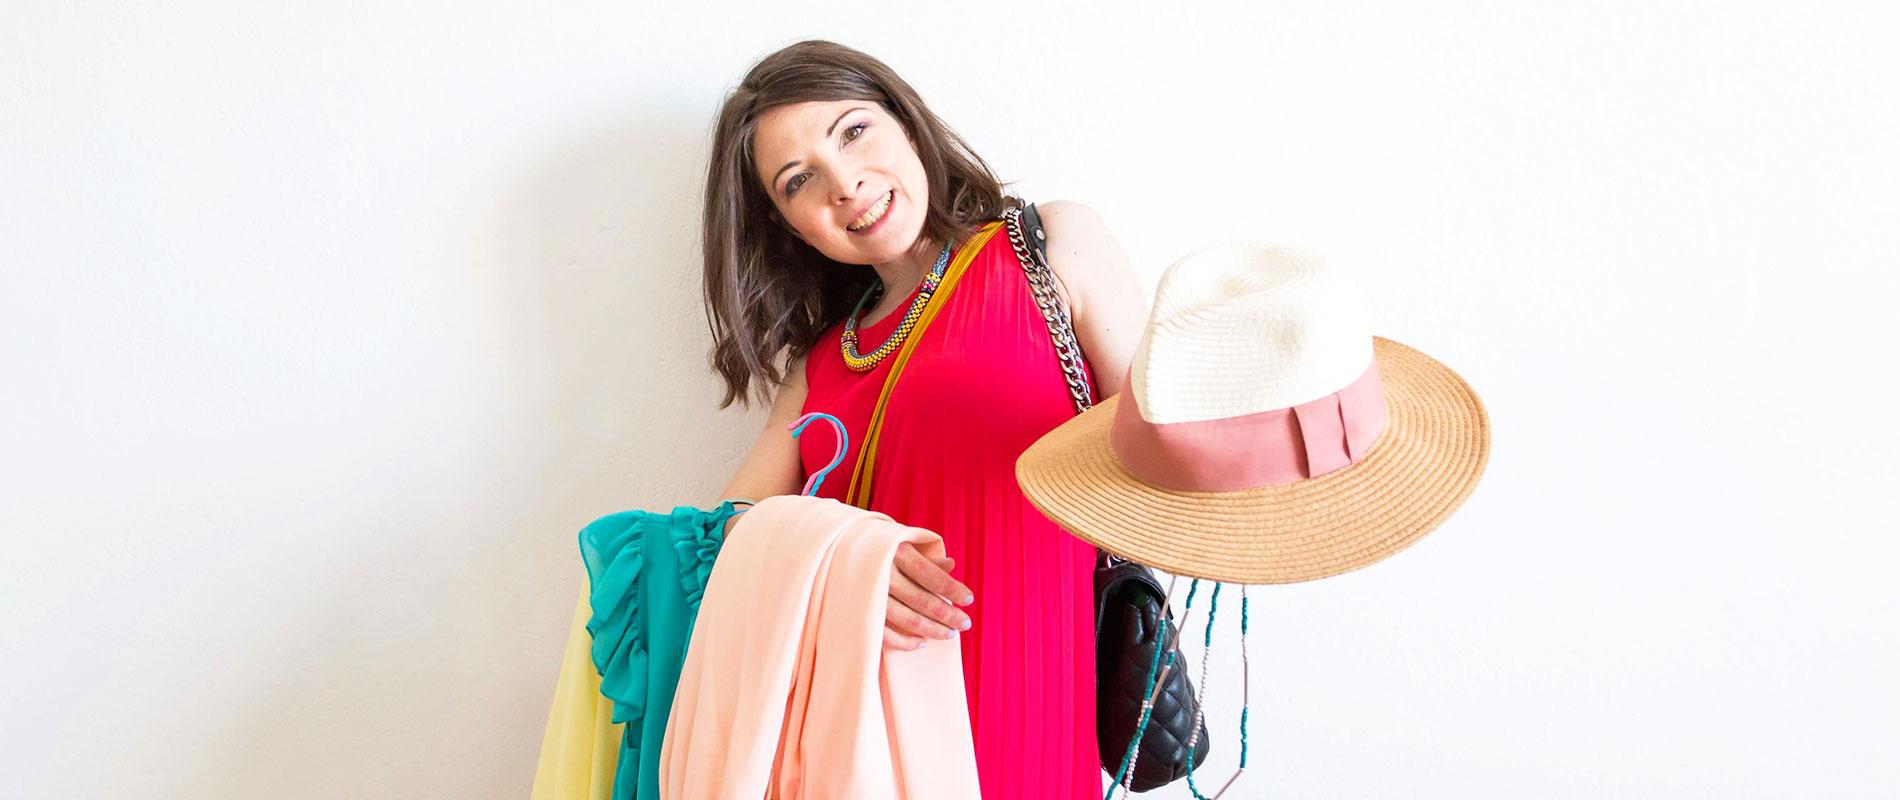 Personal shopper Milano - Francesca Marini consulente immagine